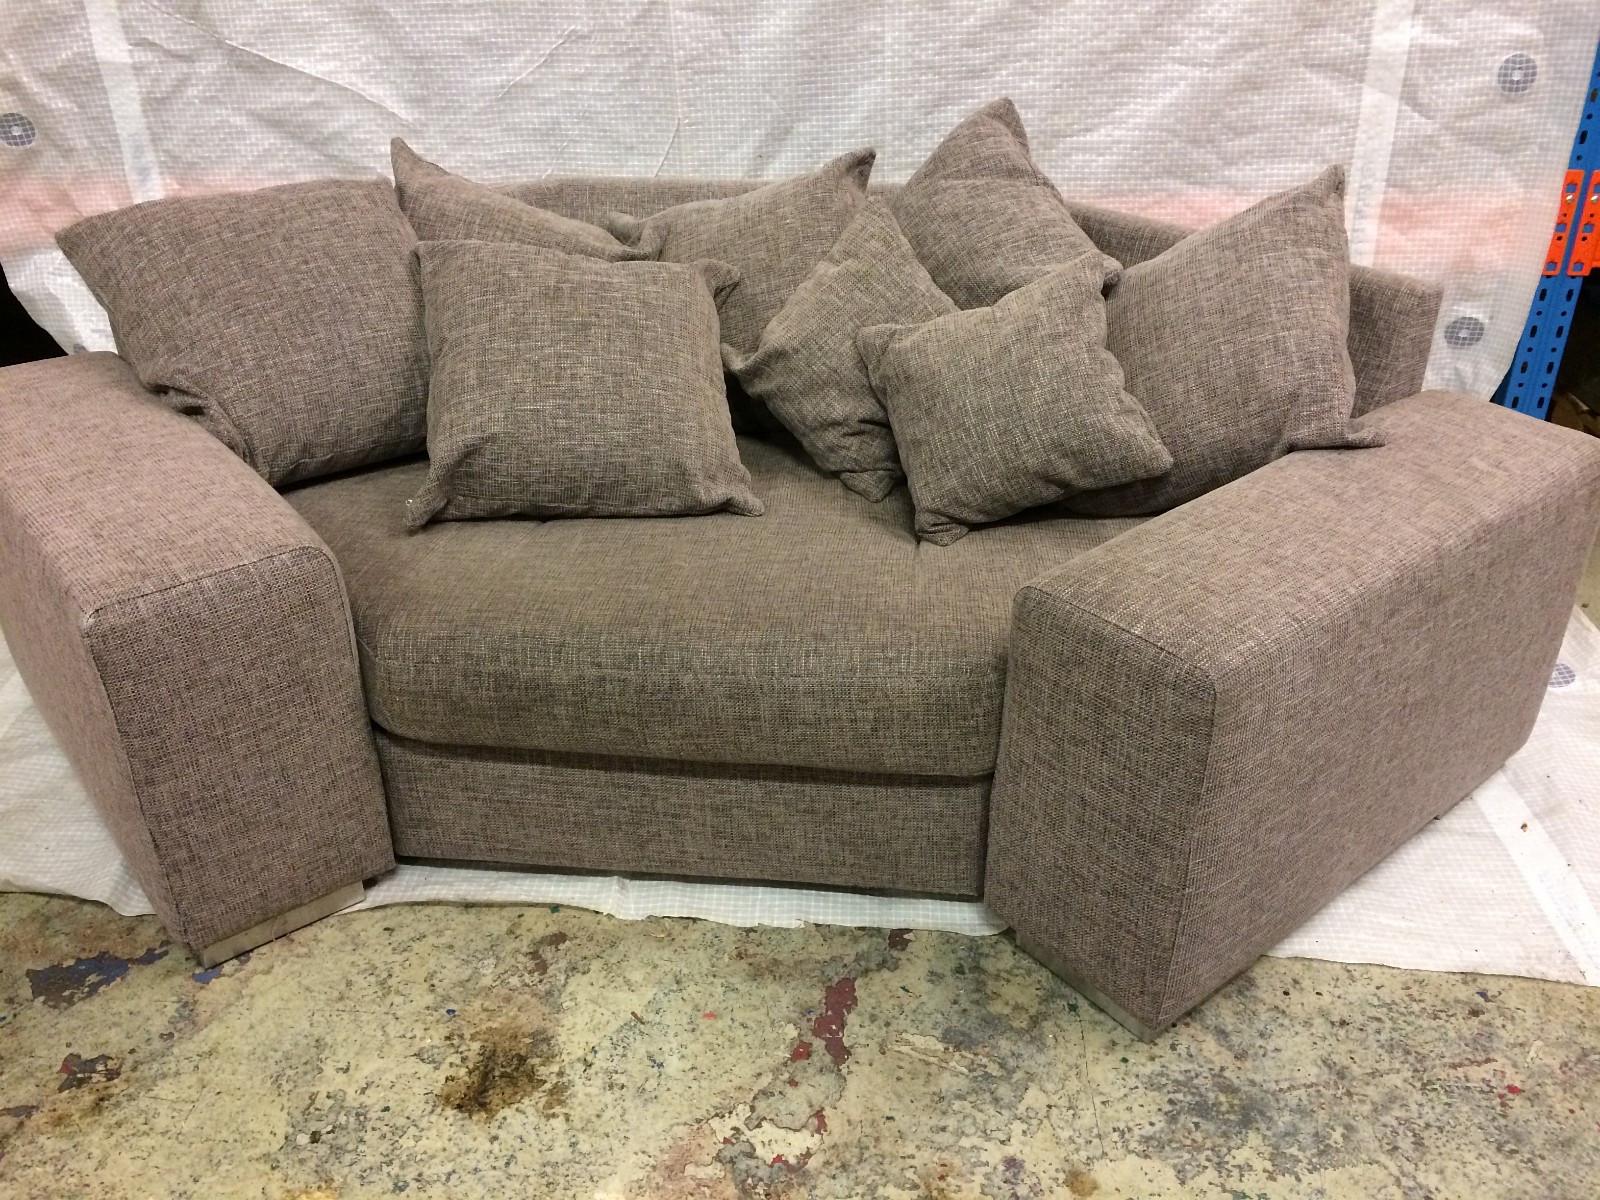 Unik kompakt stol / sofa selges - Sola  - Har for salg en meget kjekk og pen kompakt sofa. Den er kjempeartig og huser barna til tv, kos eller annen underholdning. Her kan man nyte tid sammen, ta med mor, far, søster eller bror og tilpasse komfort med sofastolens mange puter.  &#10 - Sola